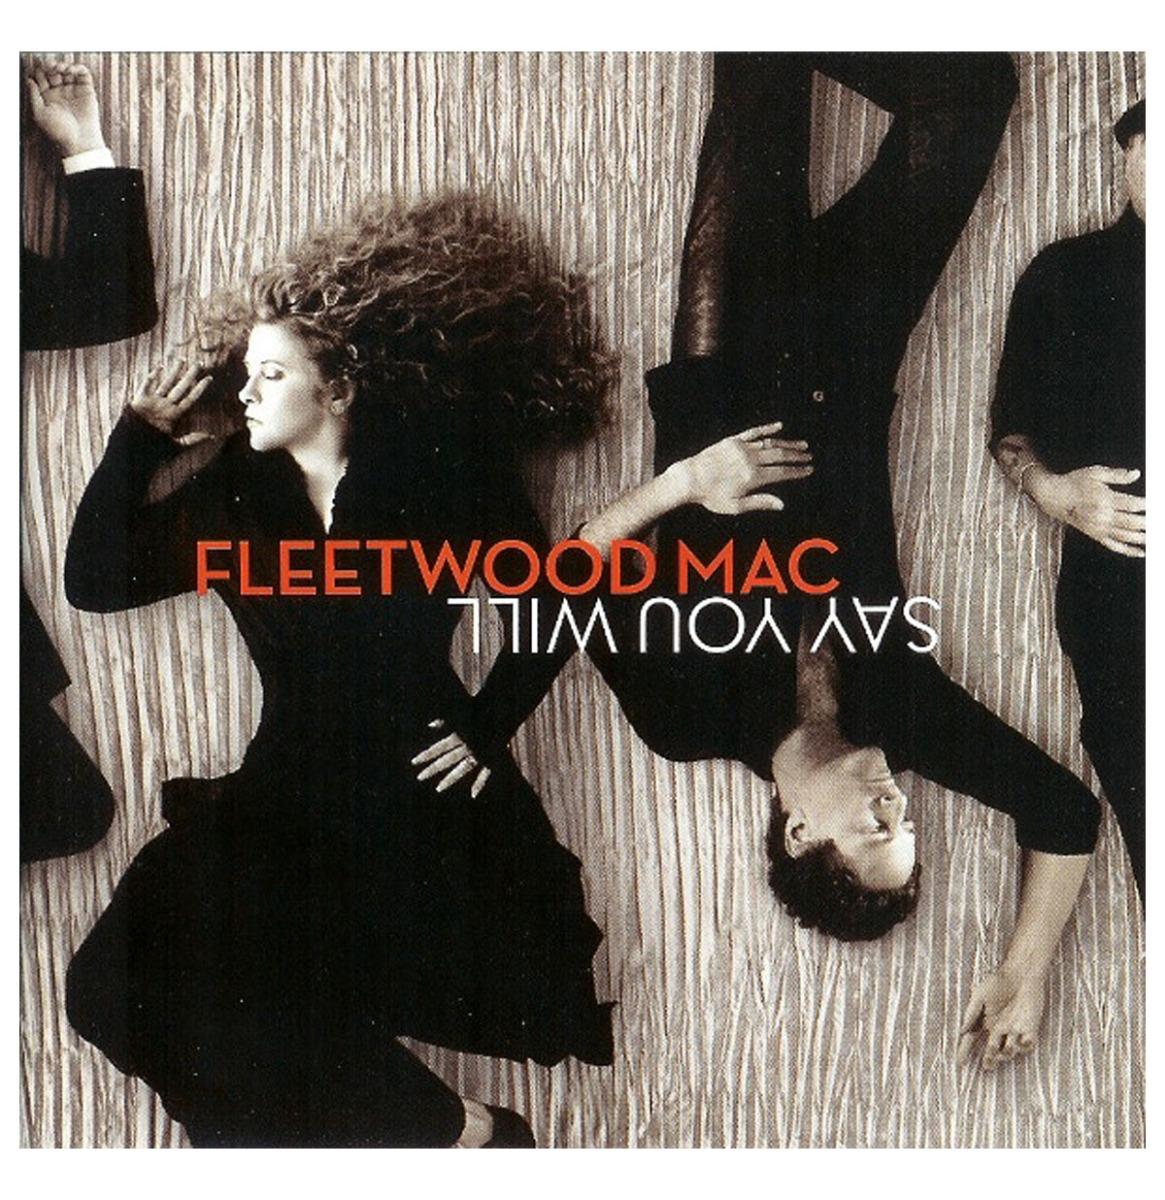 Fleetwood Mac - Say You Will 2-LP